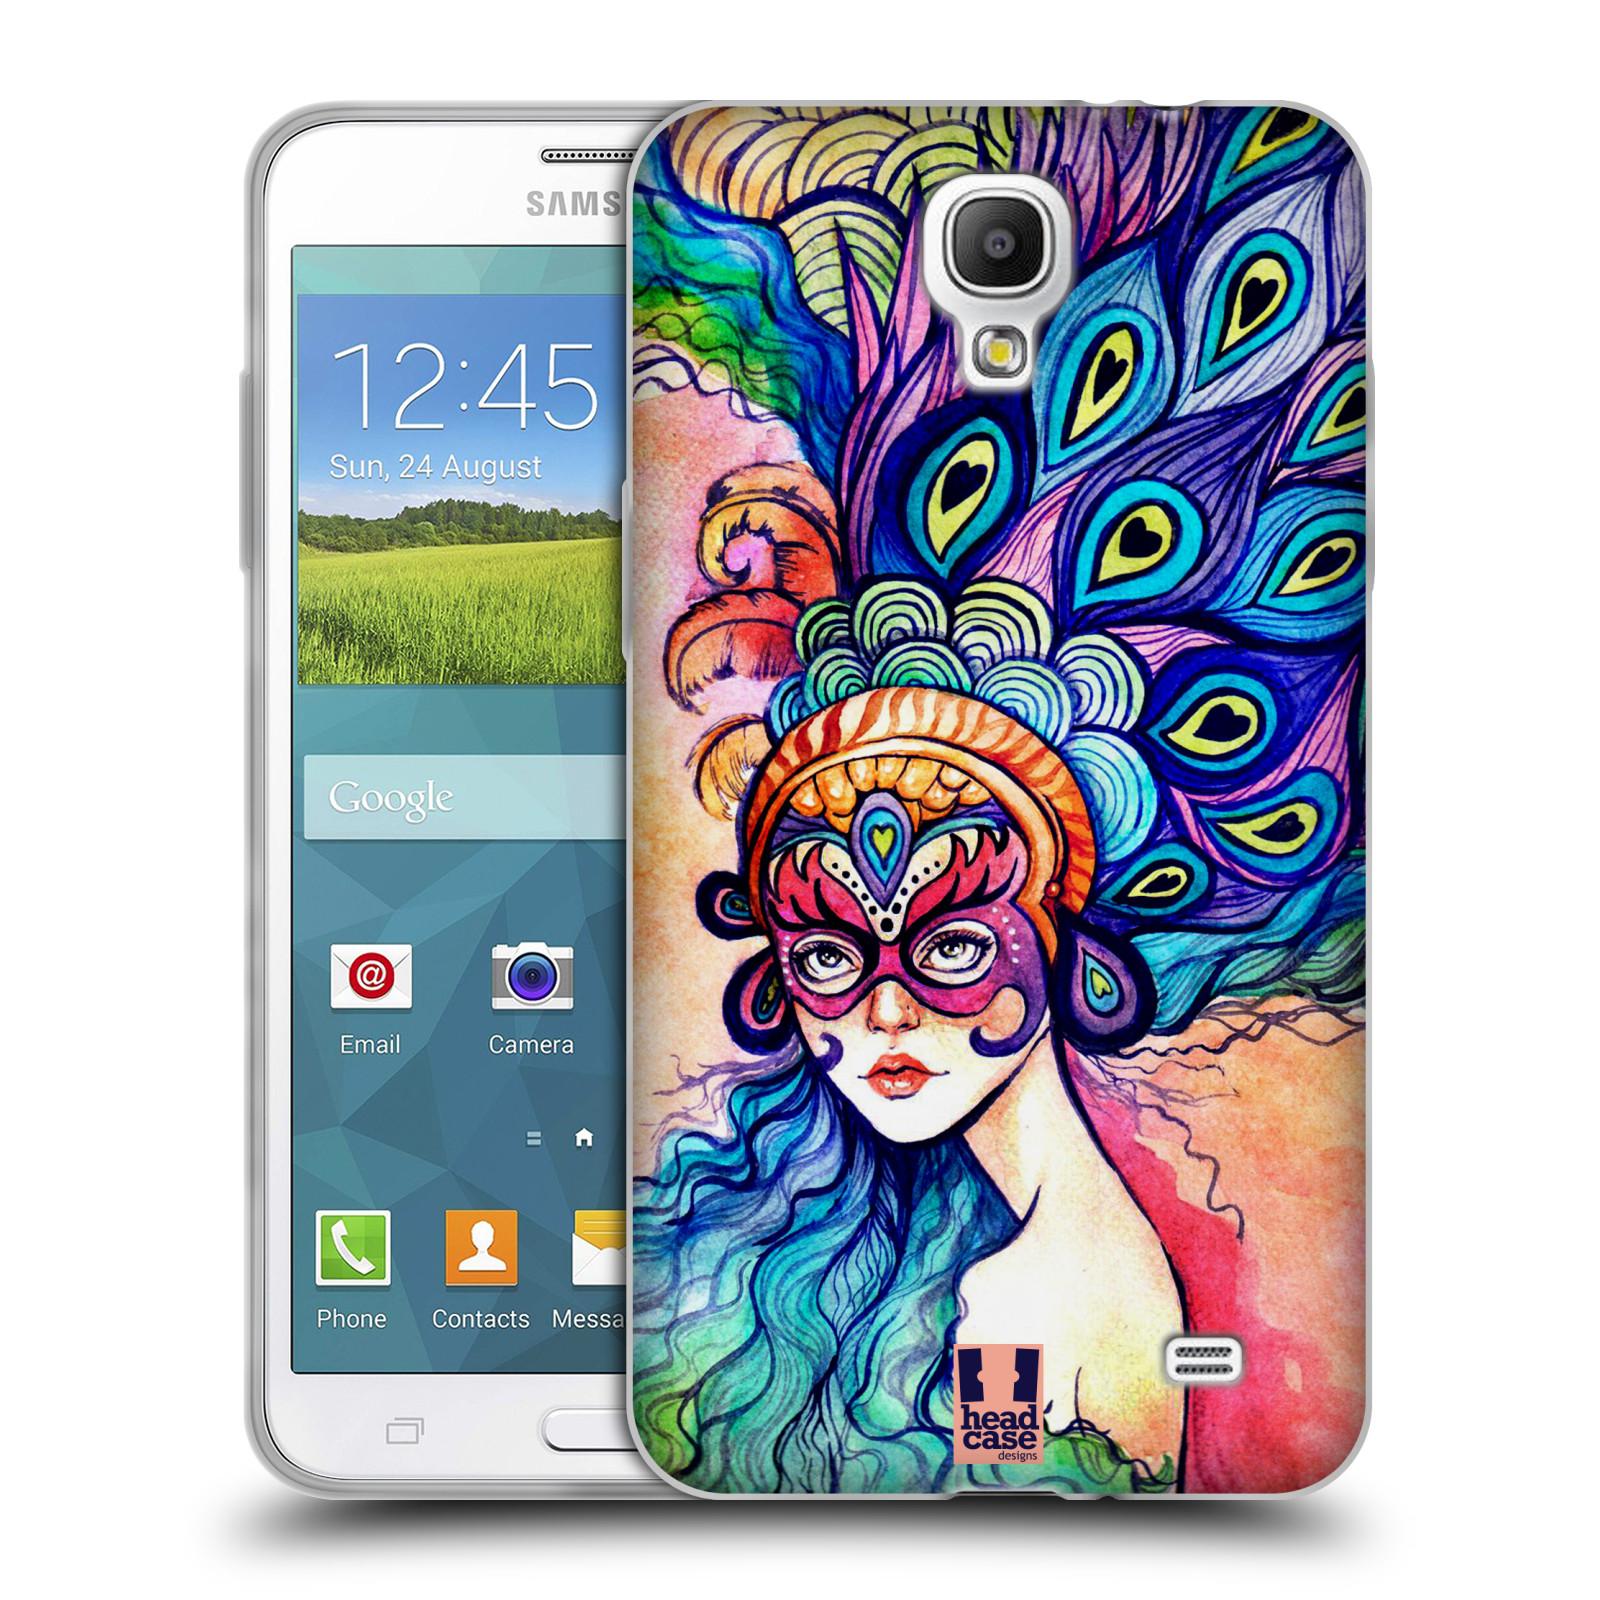 HEAD CASE silikonový obal na mobil Samsung Galaxy Mega 2 vzor Maškarní ples masky kreslené vzory MODRÉ PÍRKA